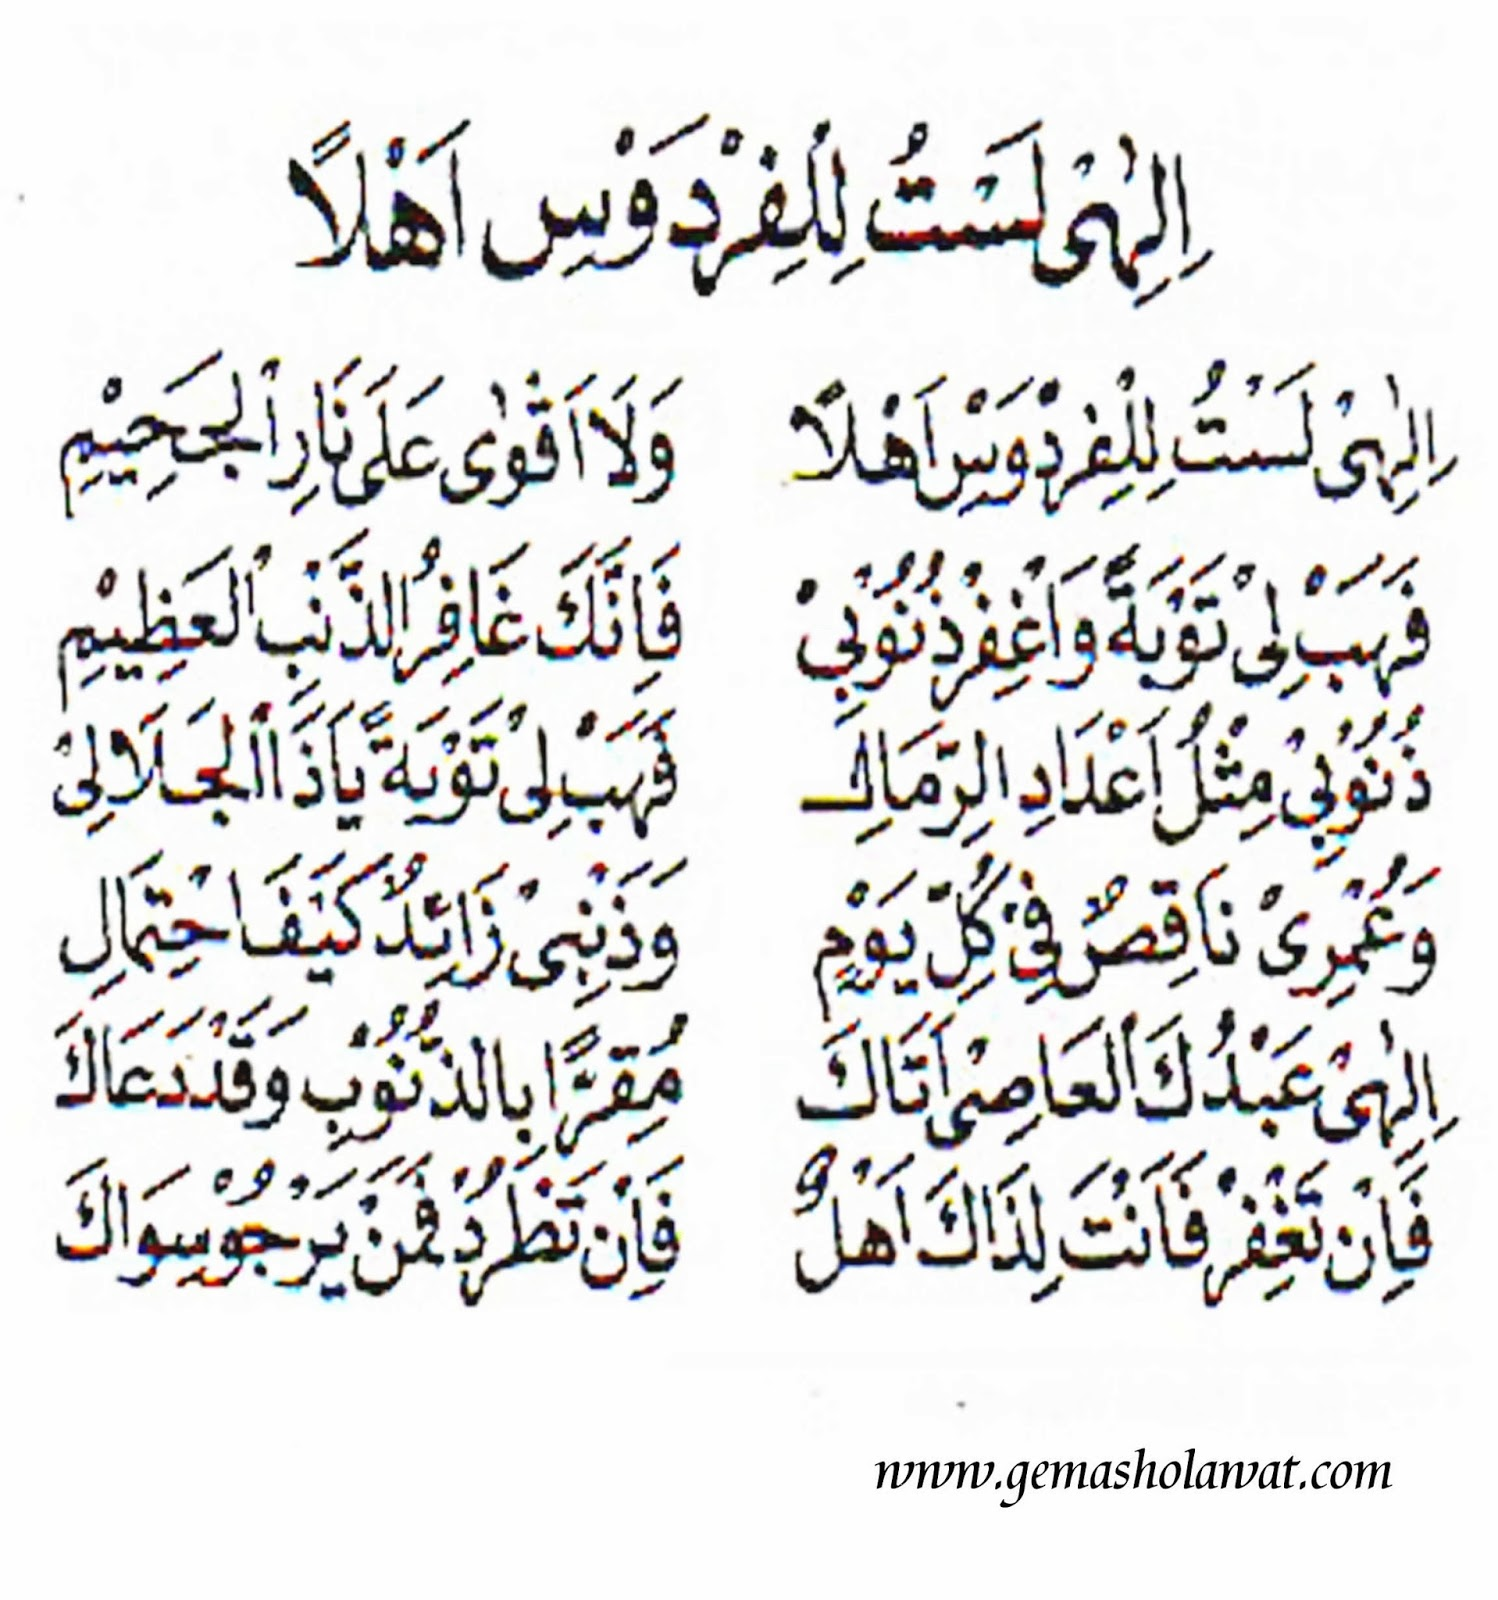 Lirik Al I Tirof إ ل ه ي ل س ت ل ل ف ر د و س